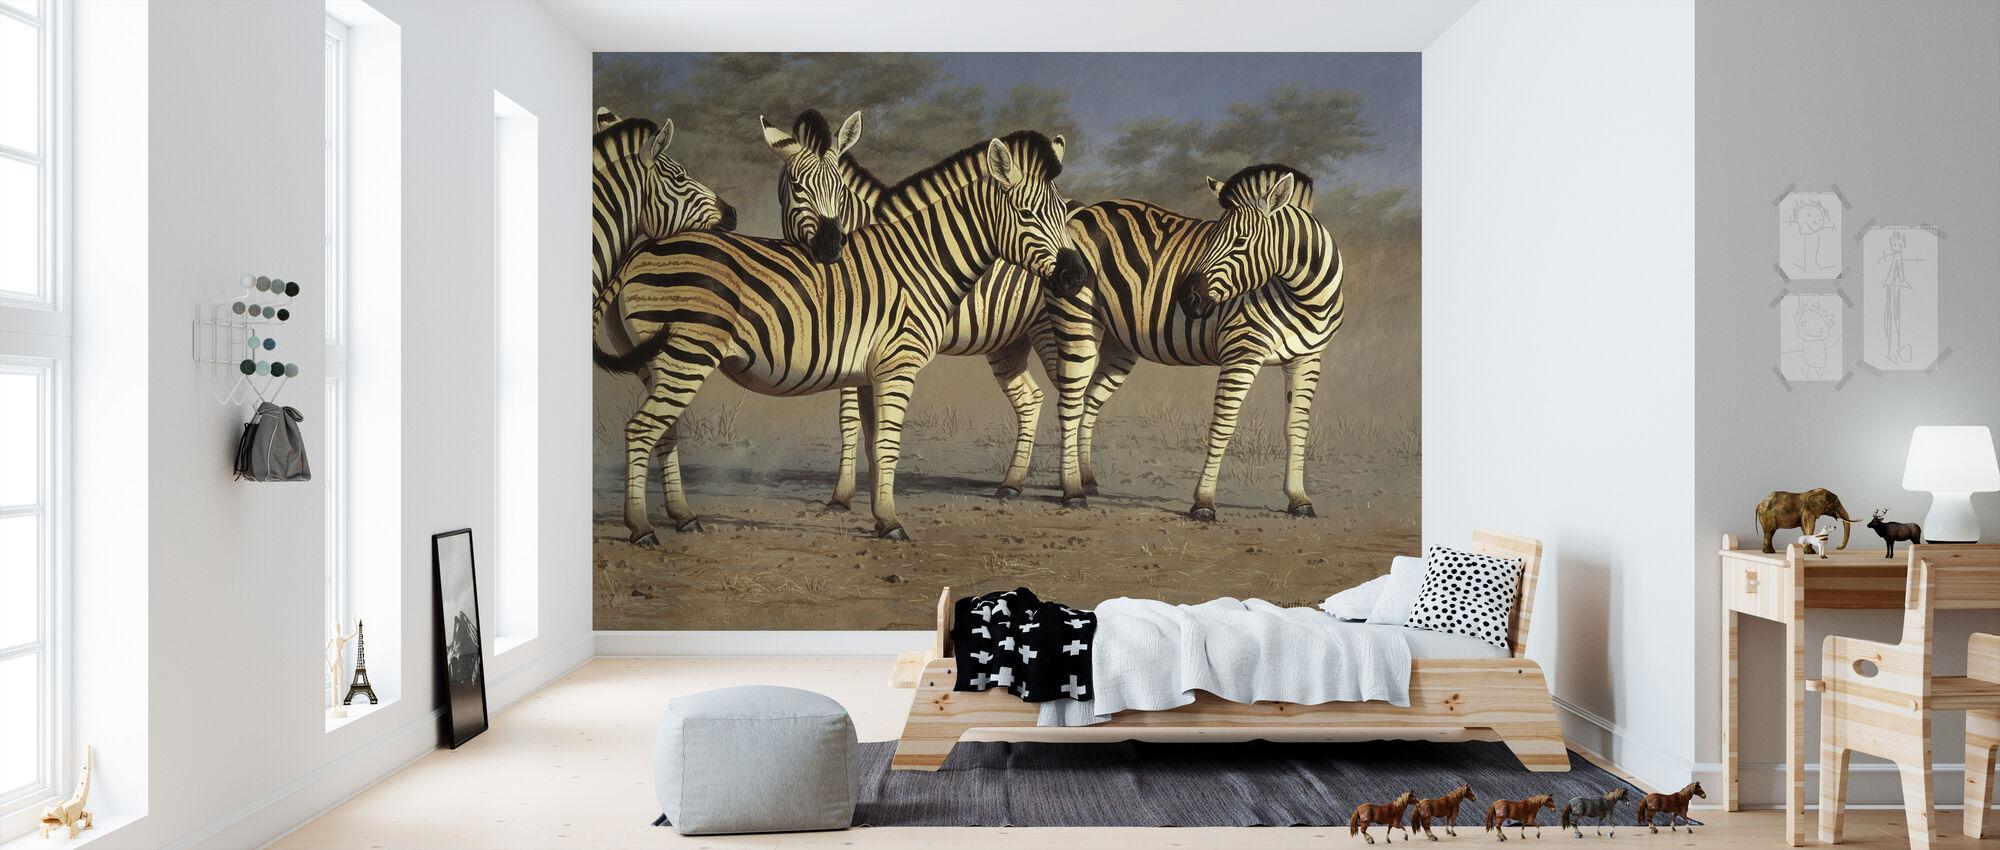 Zebra Grupp - Tapet - Barnrum